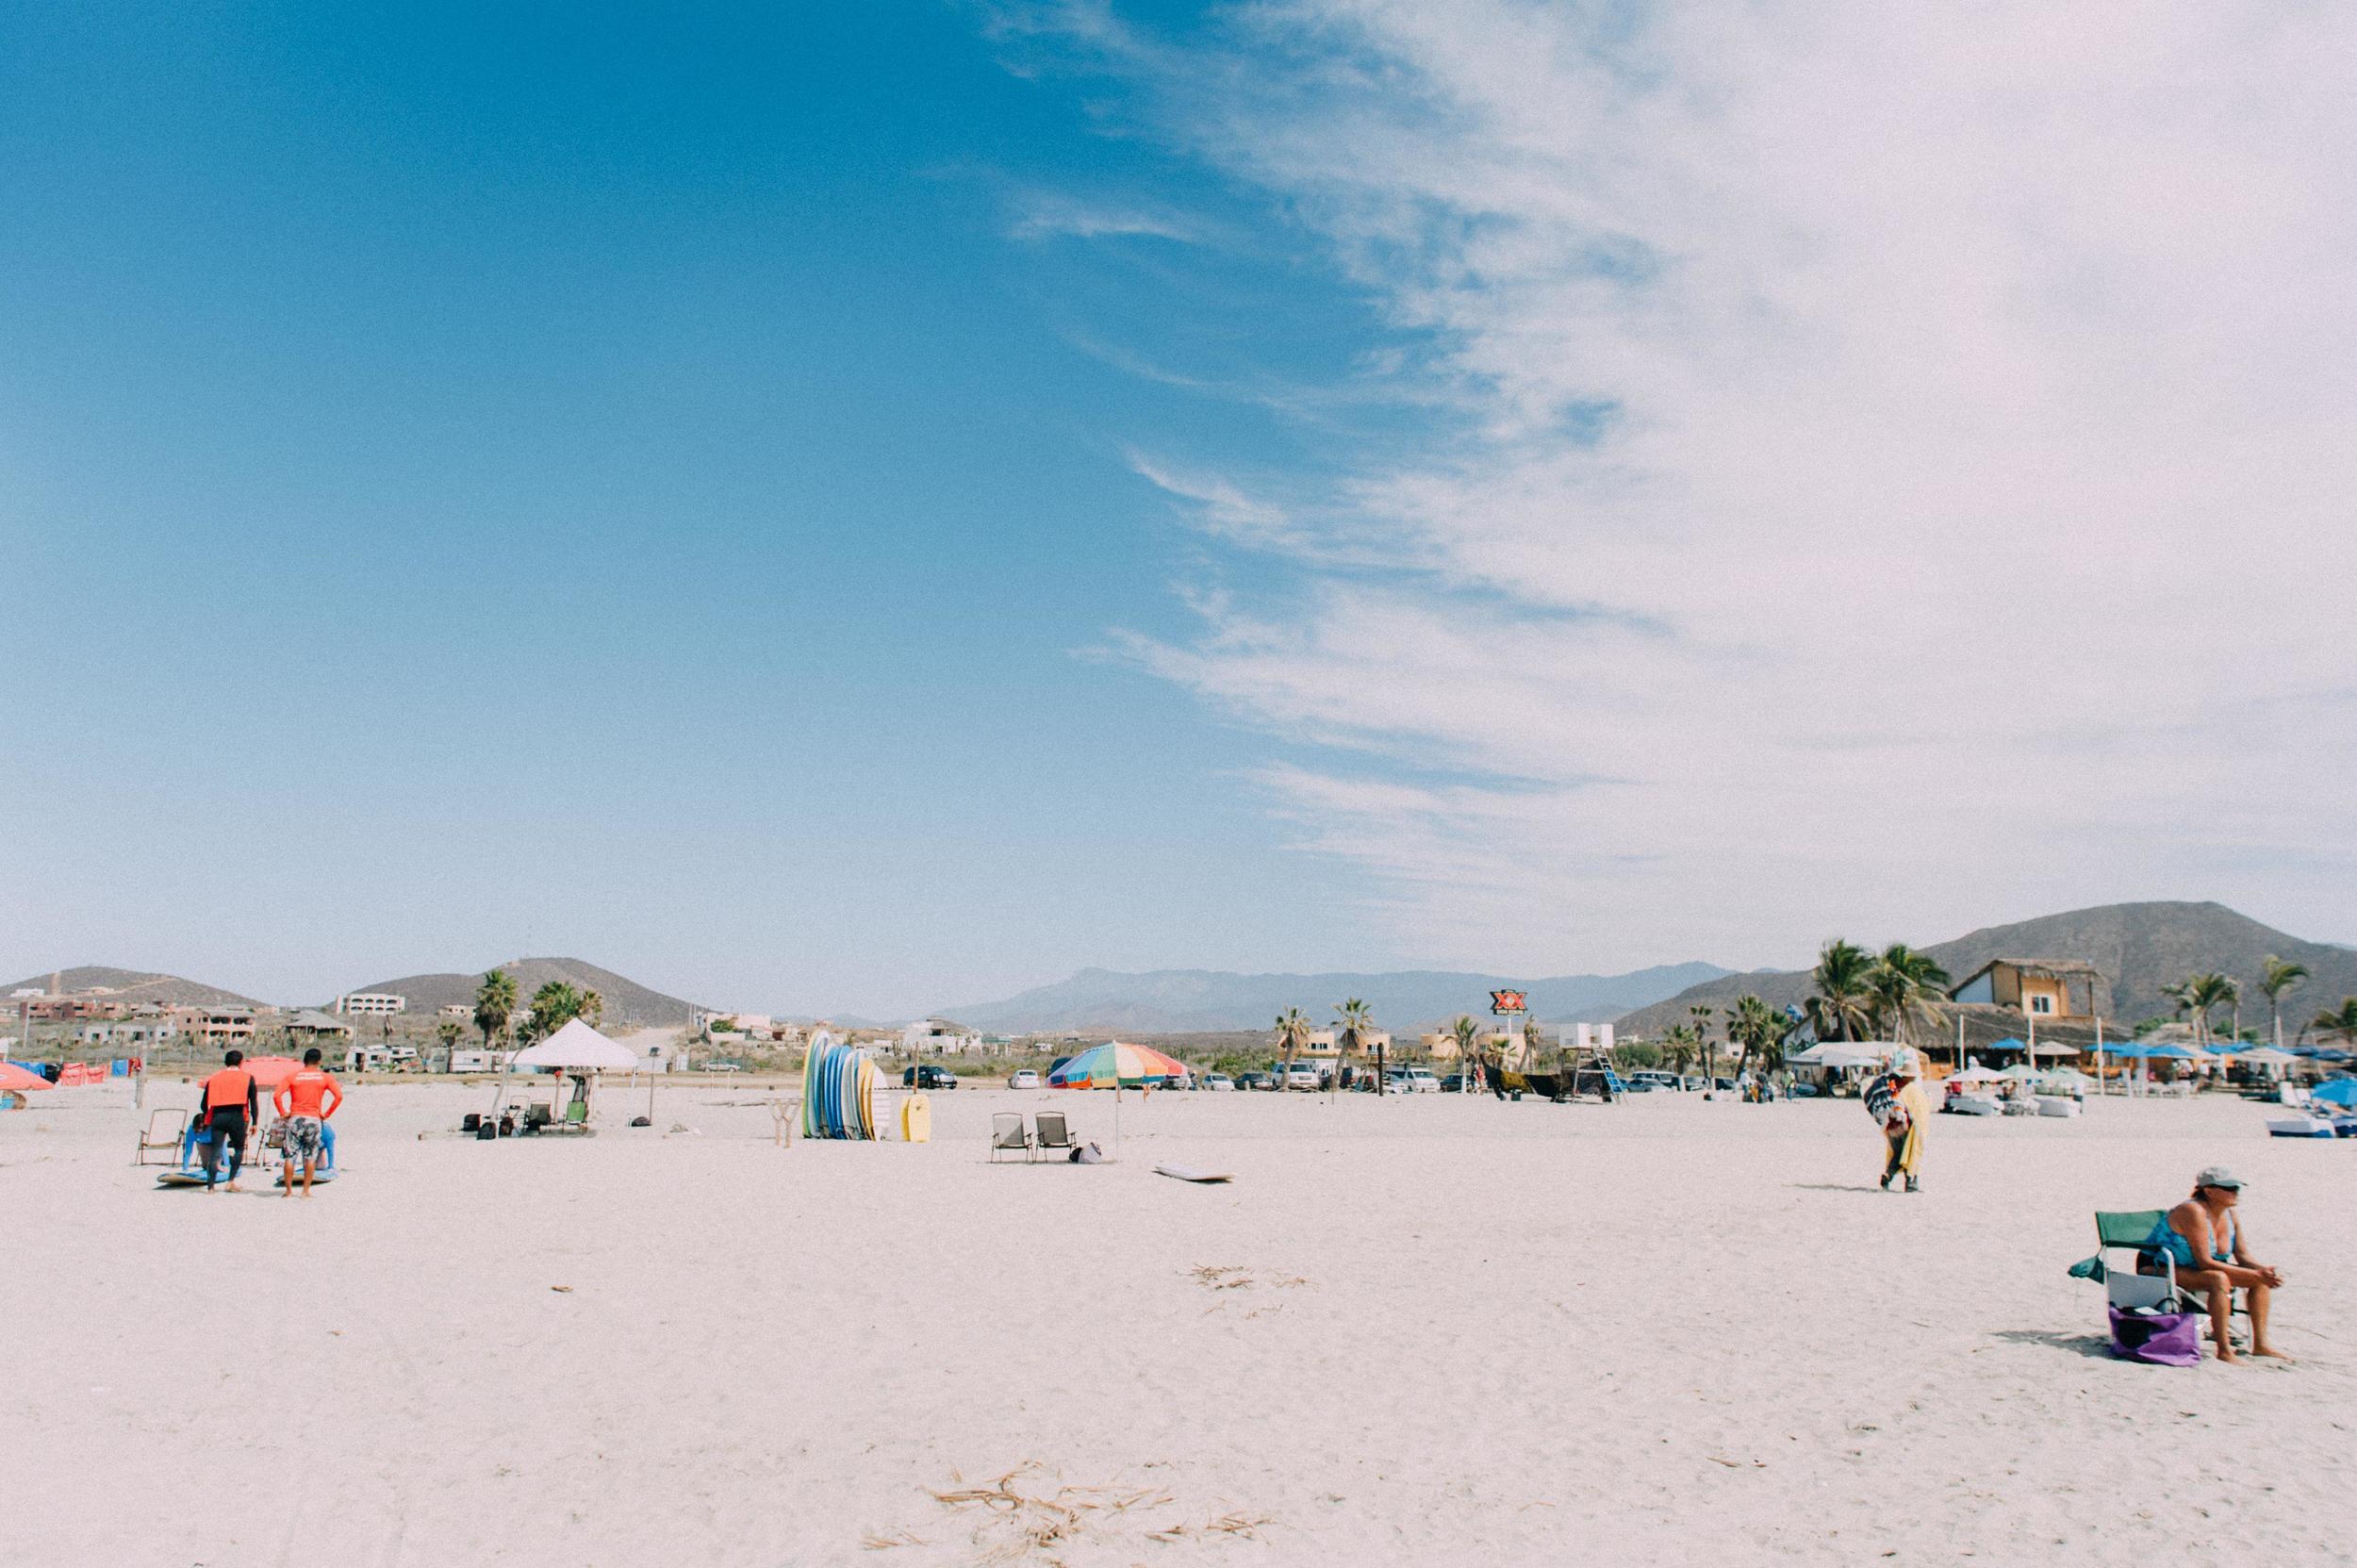 Playa Cerritos Todos Santos